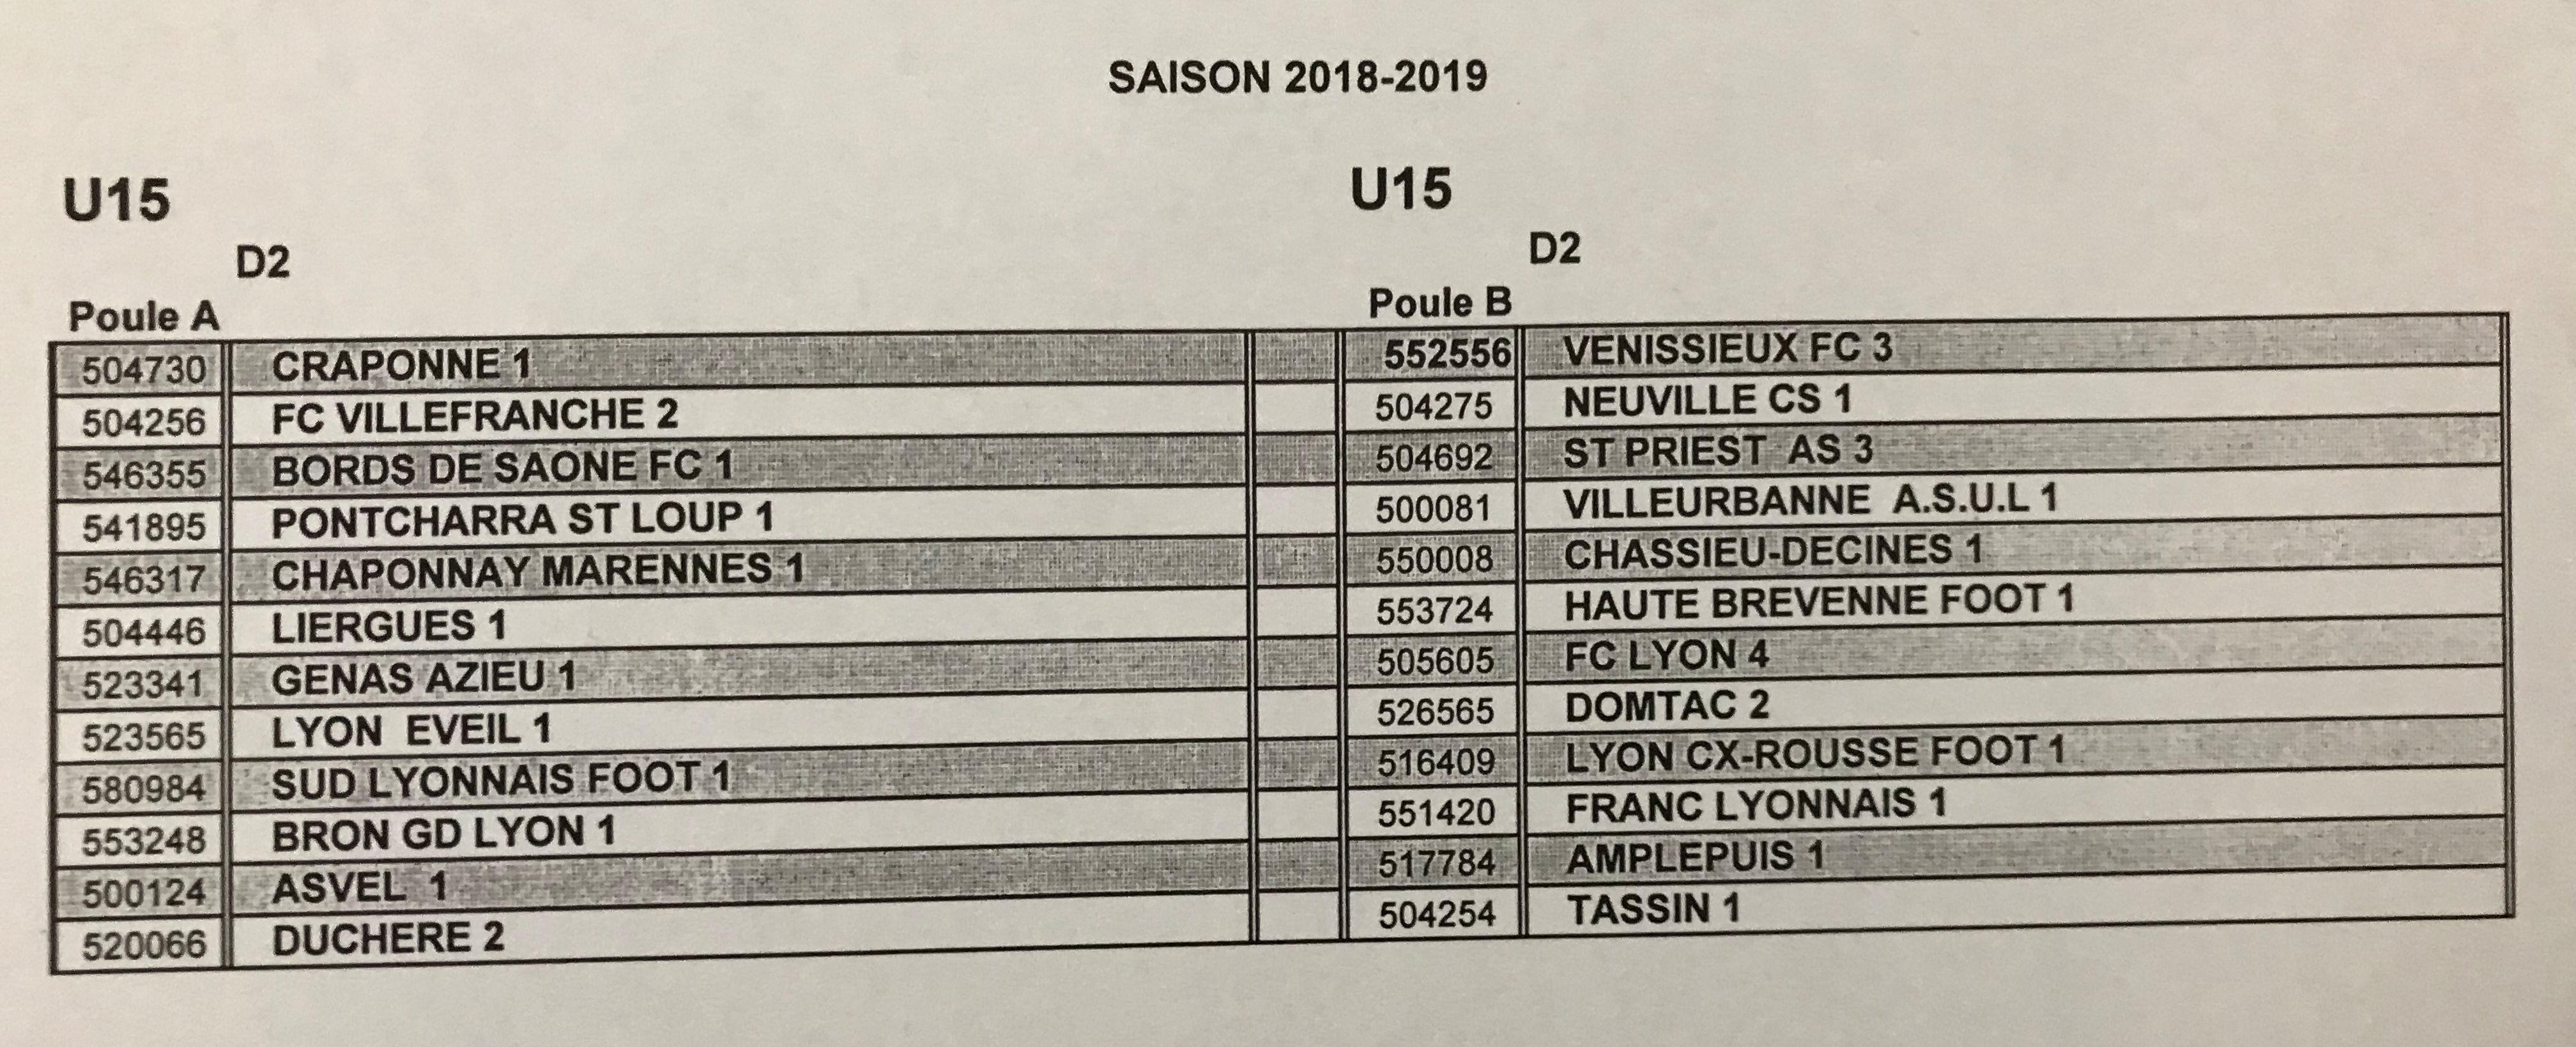 DISTRICT - Découvrez les POULES U15 2018-2019